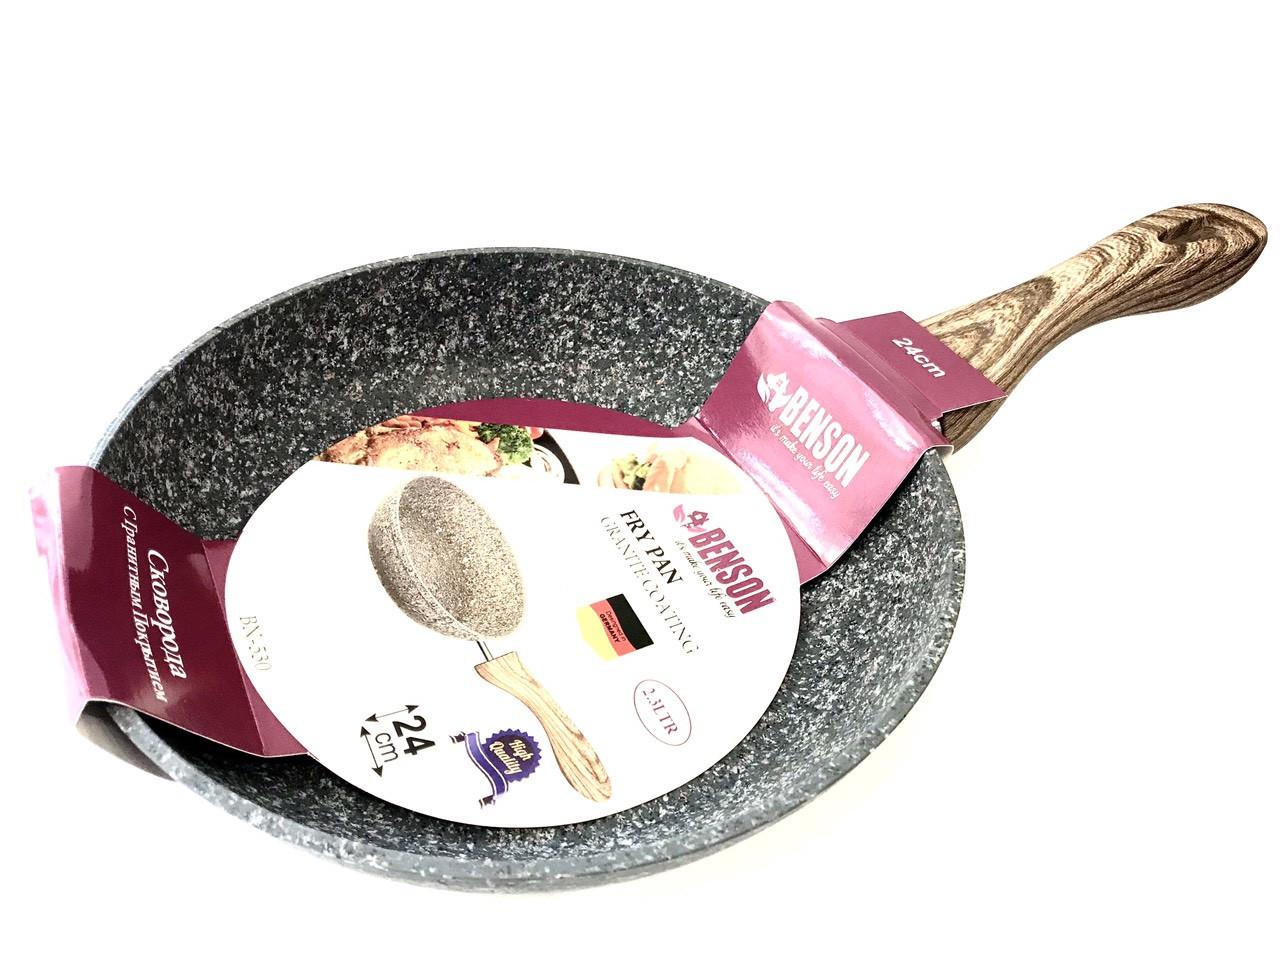 Сковорода Benson BN-530 (24 см) с антипригарным гранитным покрытием | сковородка Бенсон, сотейник Бэнсон